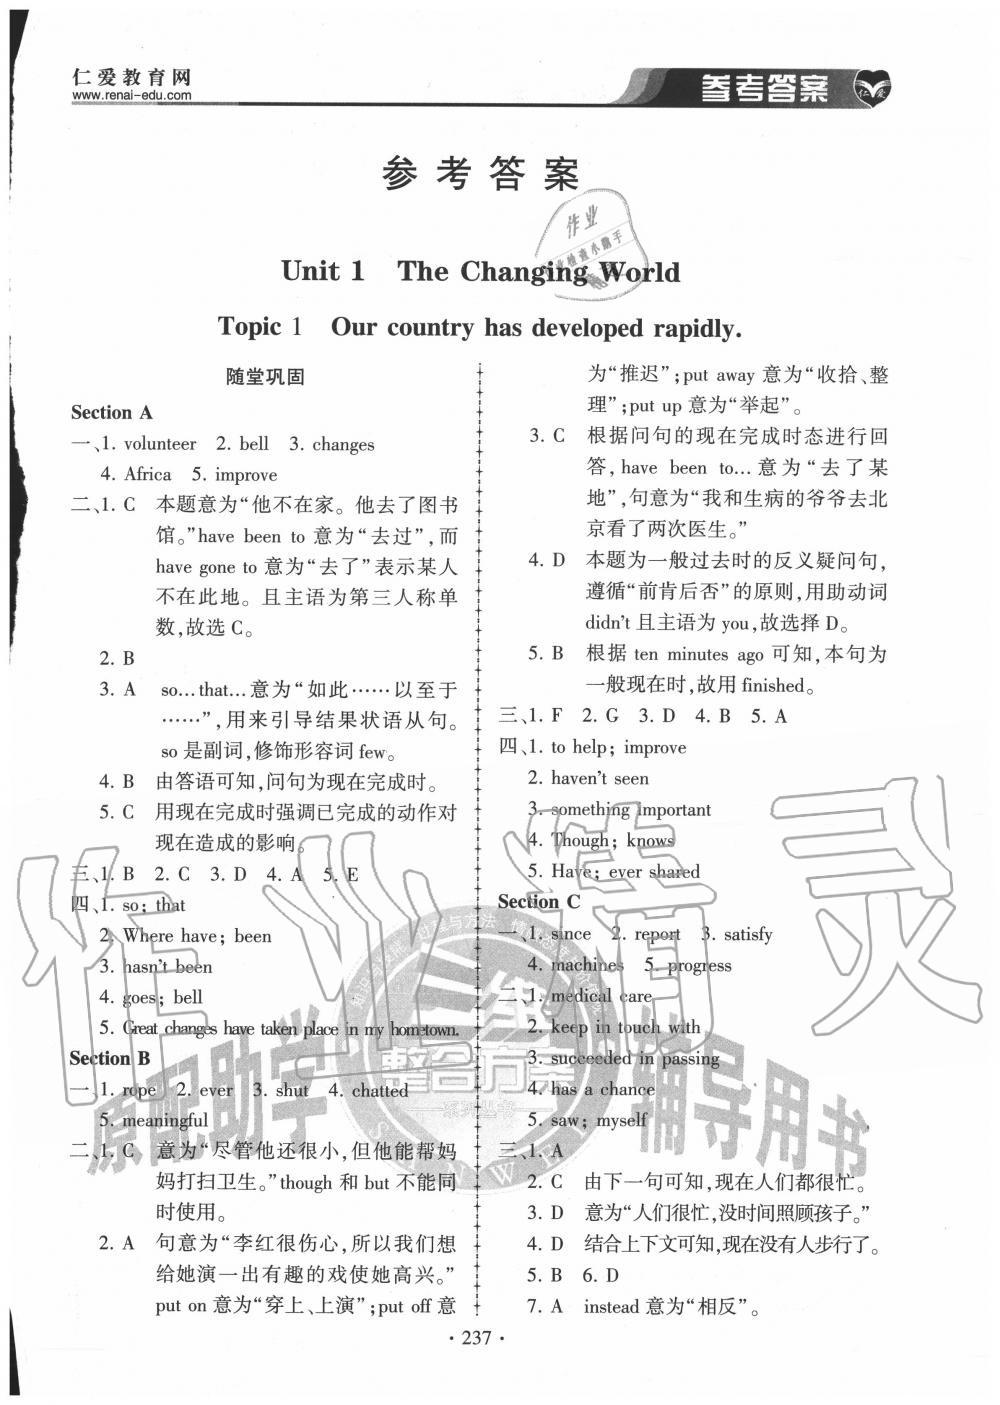 2020年仁爱英语同步练习册九年级全一册仁爱版第1页